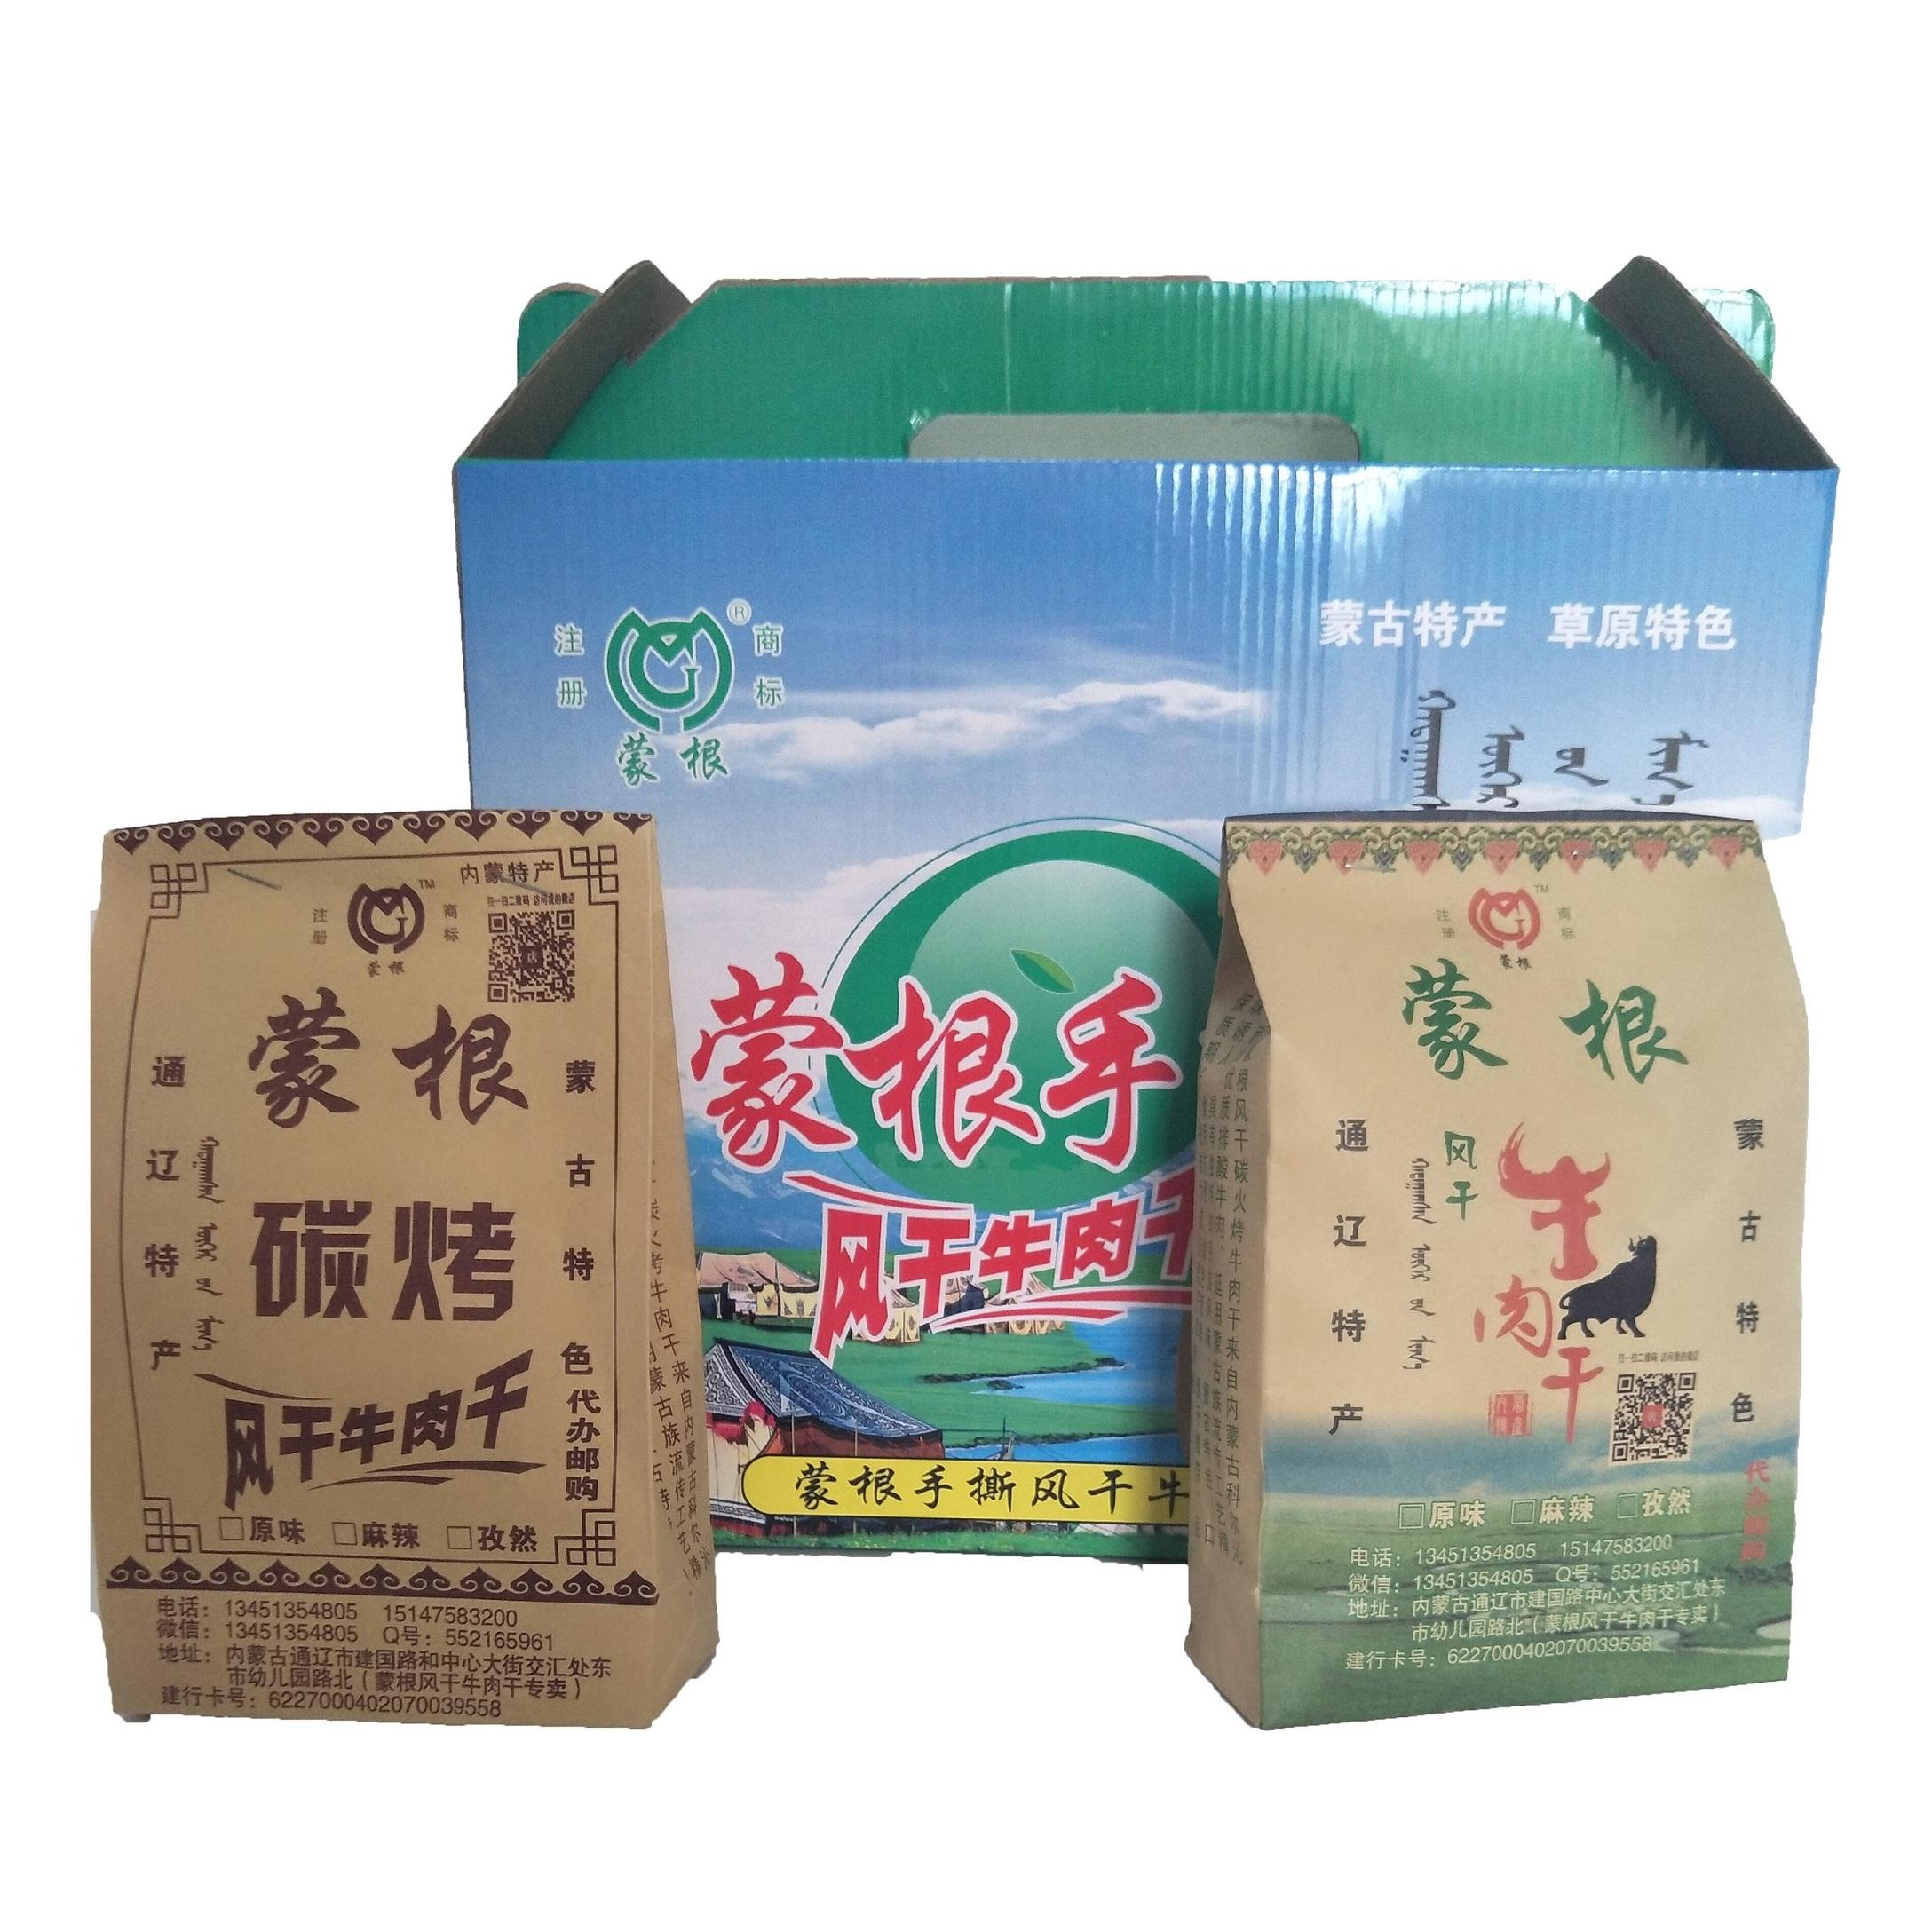 【蒙根】碳烤油炸混合风干牛肉干1000g精美礼盒包装